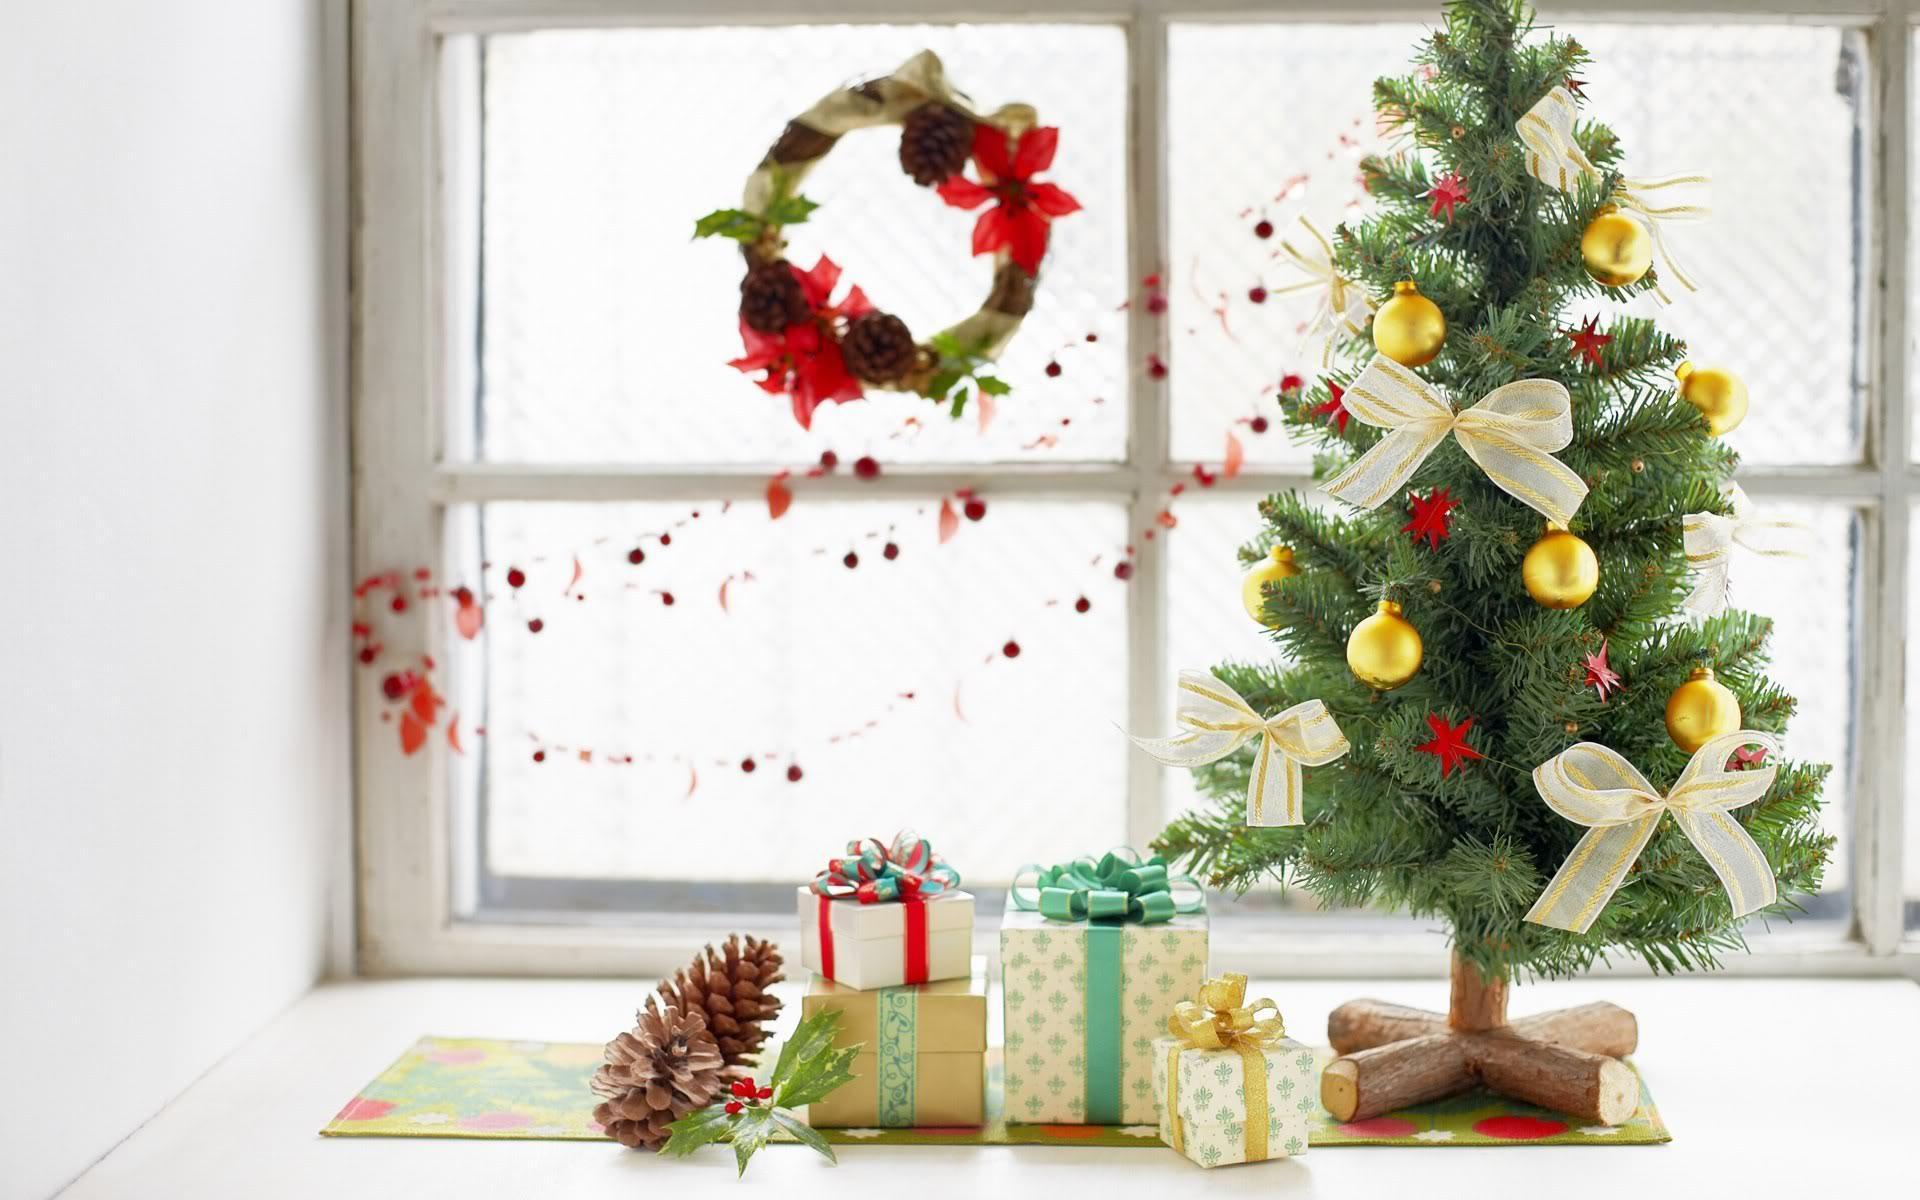 Decoración de arbol de navidad y regalos - 1920x1200